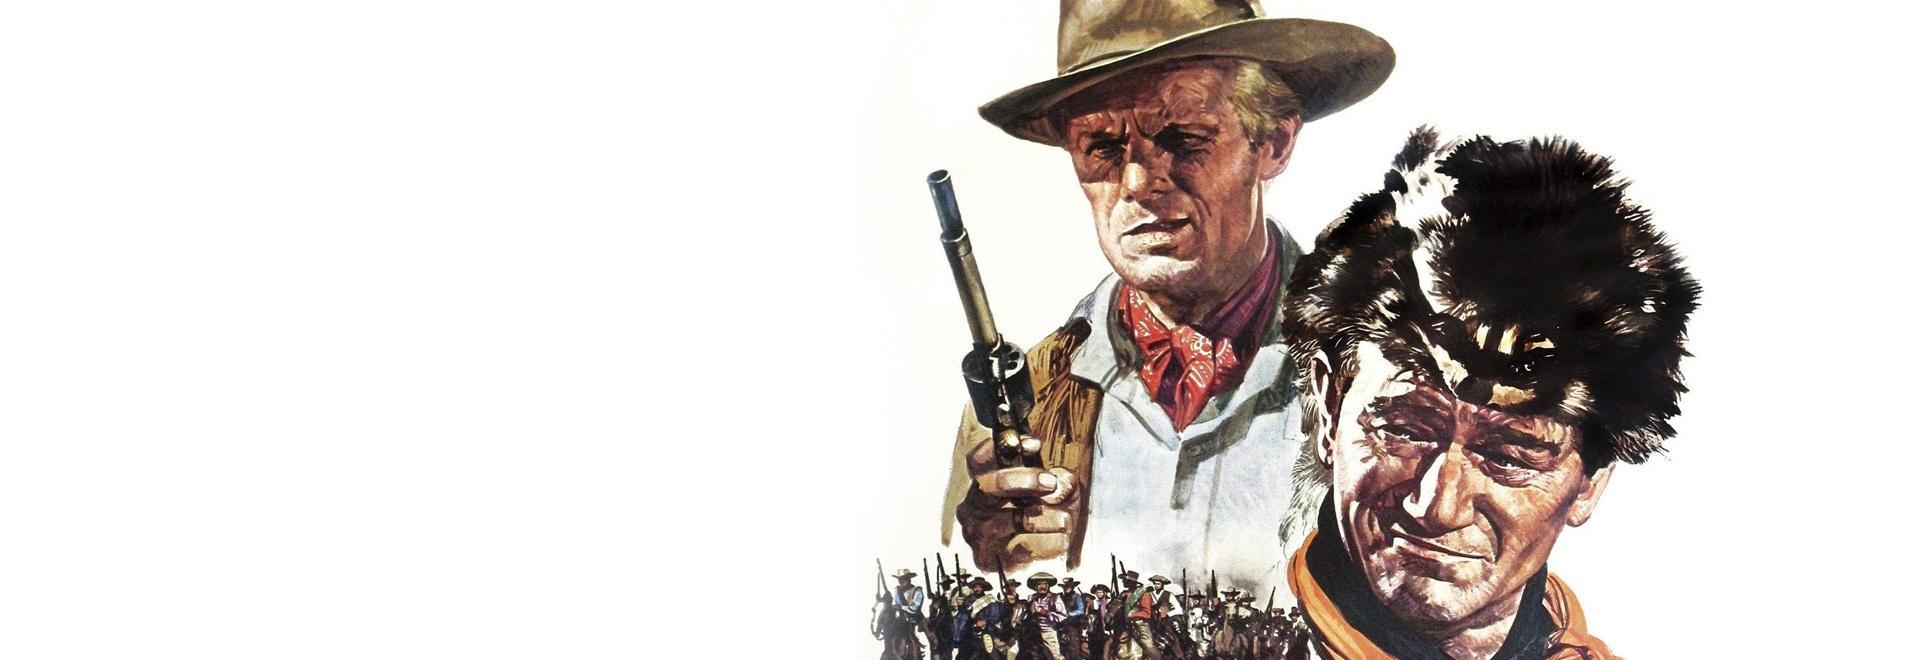 La battaglia di Alamo